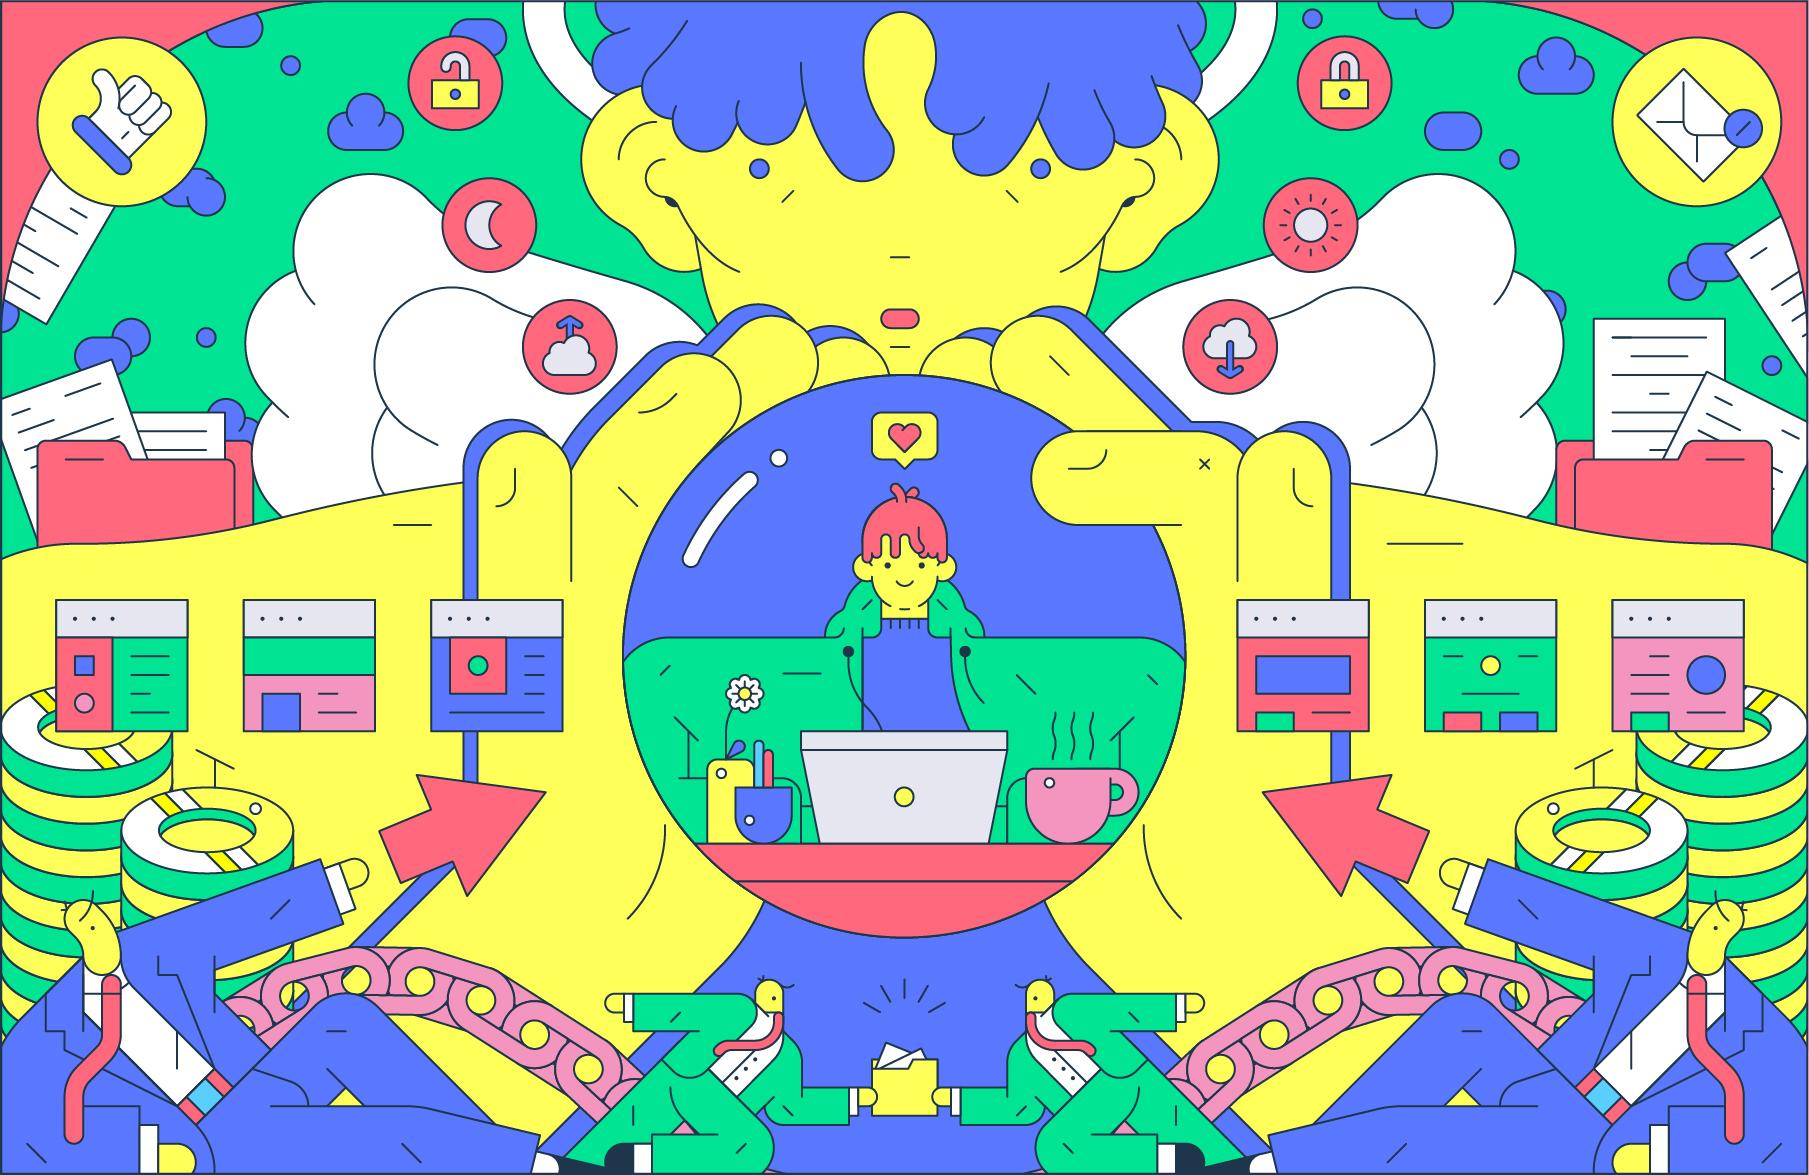 Digital_Security-01.jpg